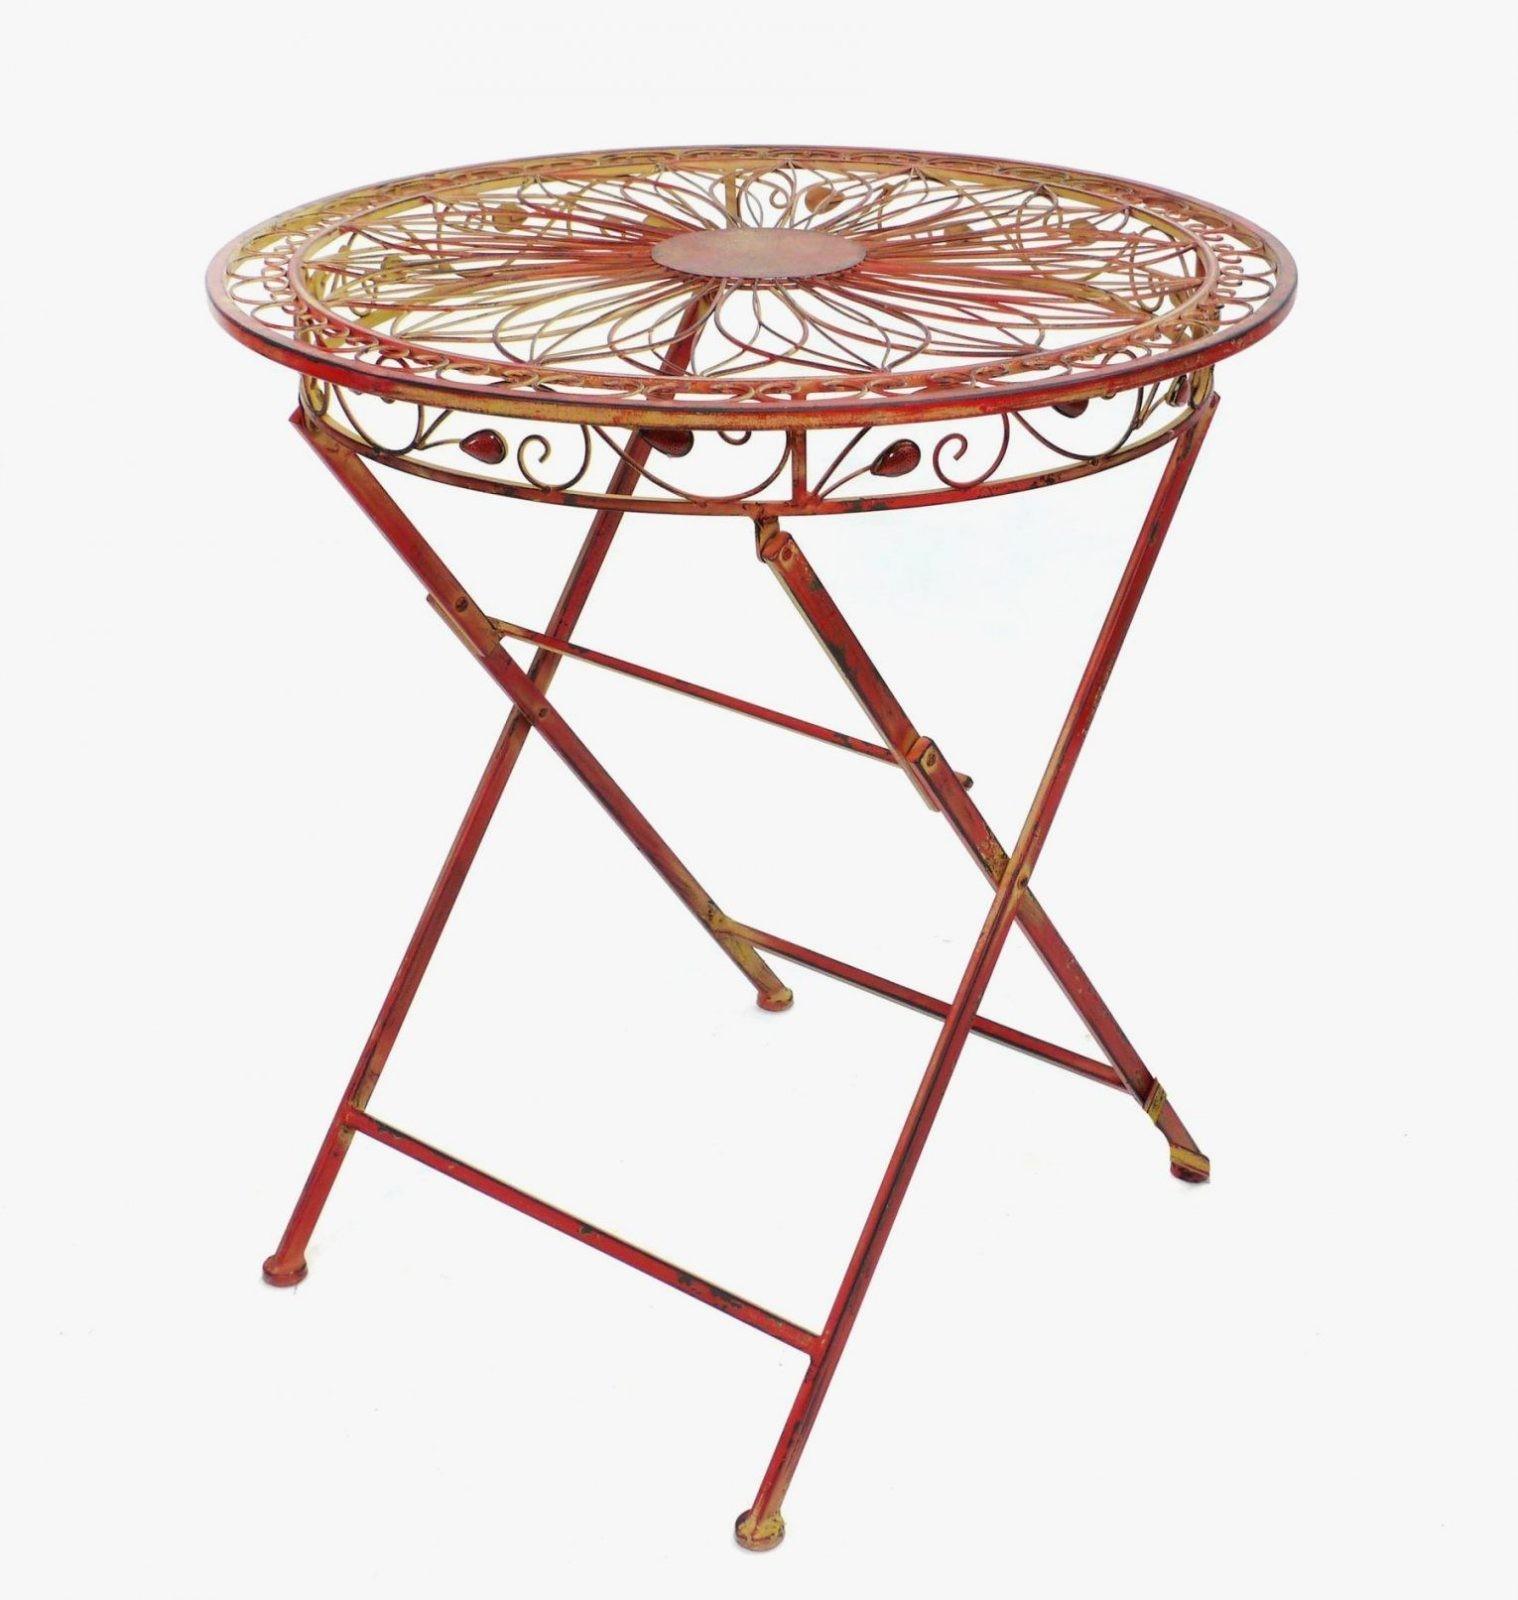 Kleiner Runder Gartentisch Metall Gartentisch Metall Rechteckig